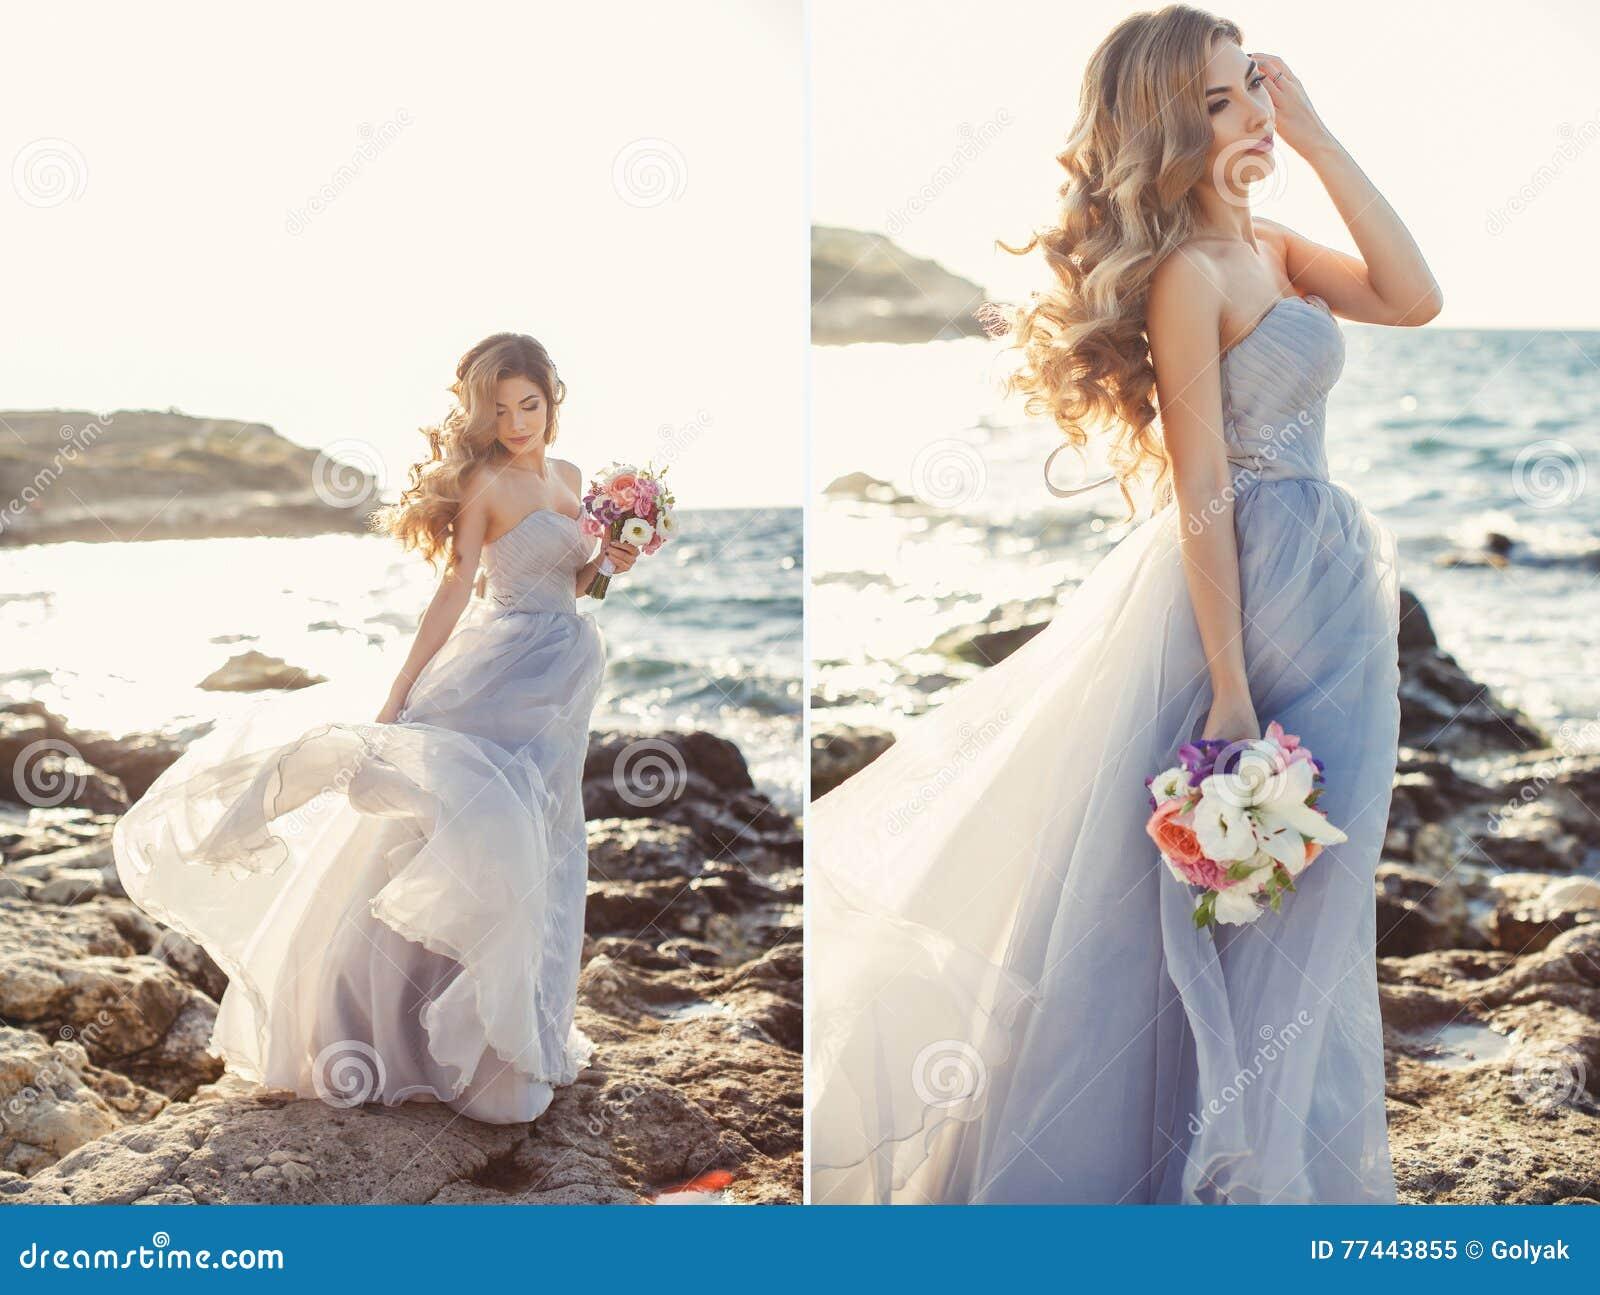 Vestido novia mar flores